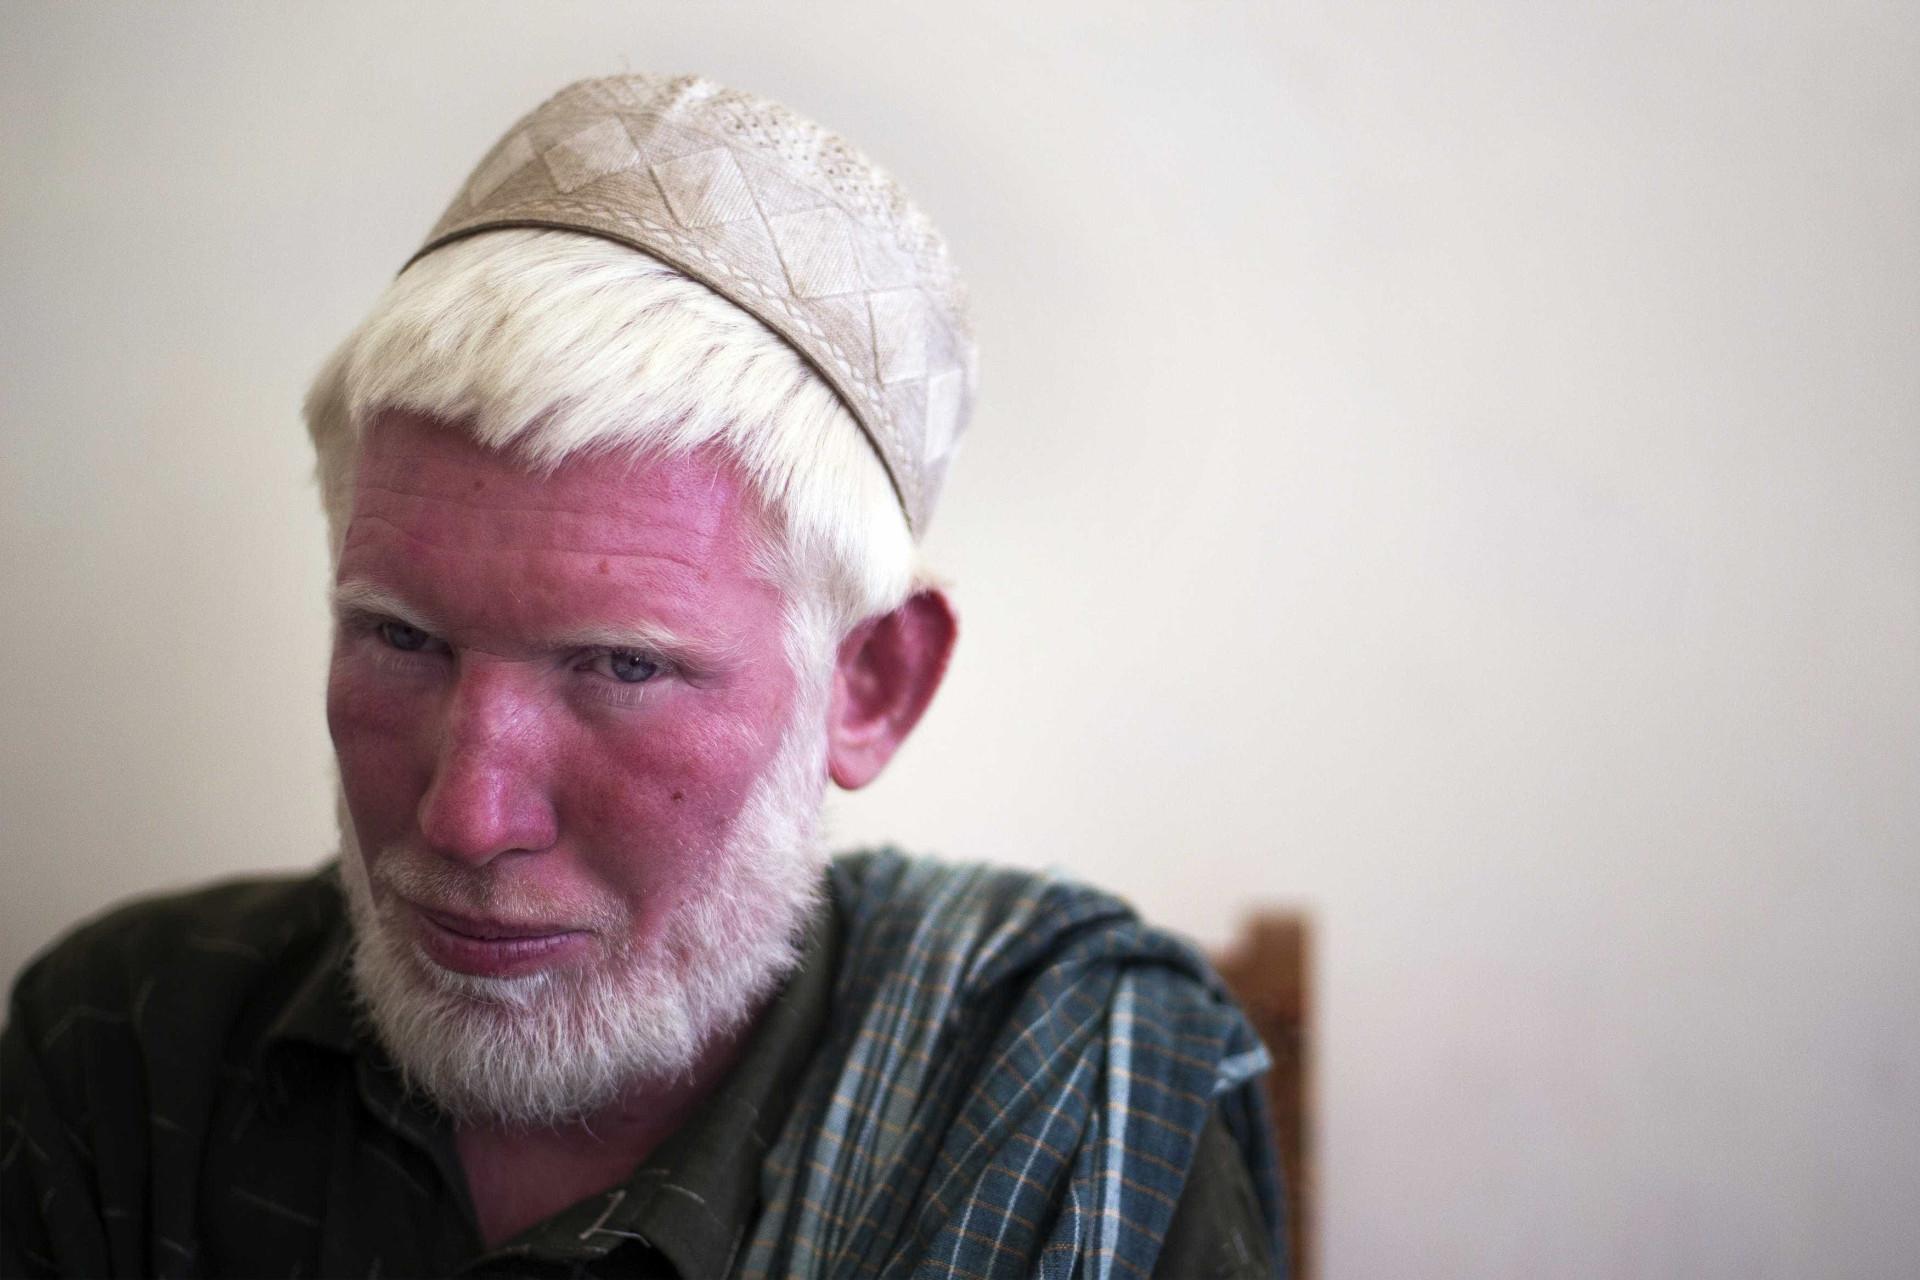 Fotos comprovam a beleza albina ao redor do mundo